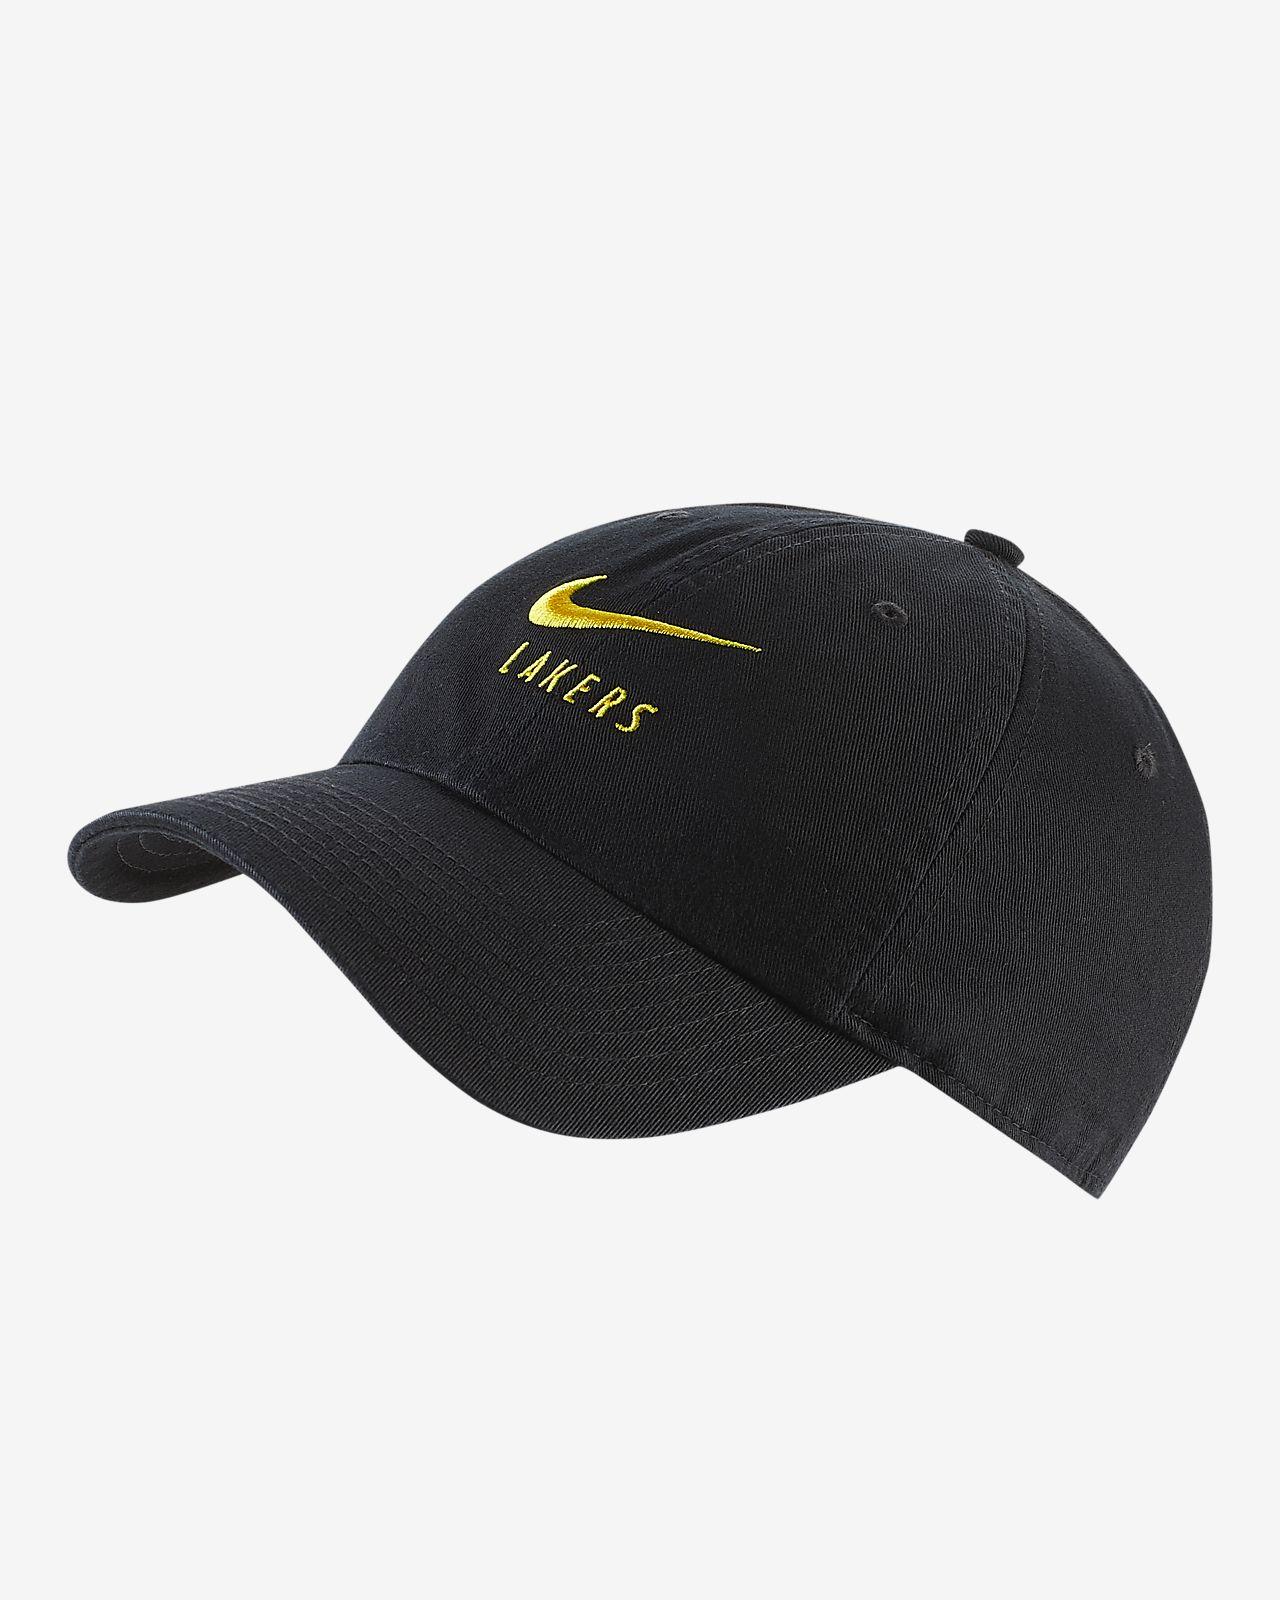 Los Angeles Lakers Nike Heritage 86 NBA 帽款